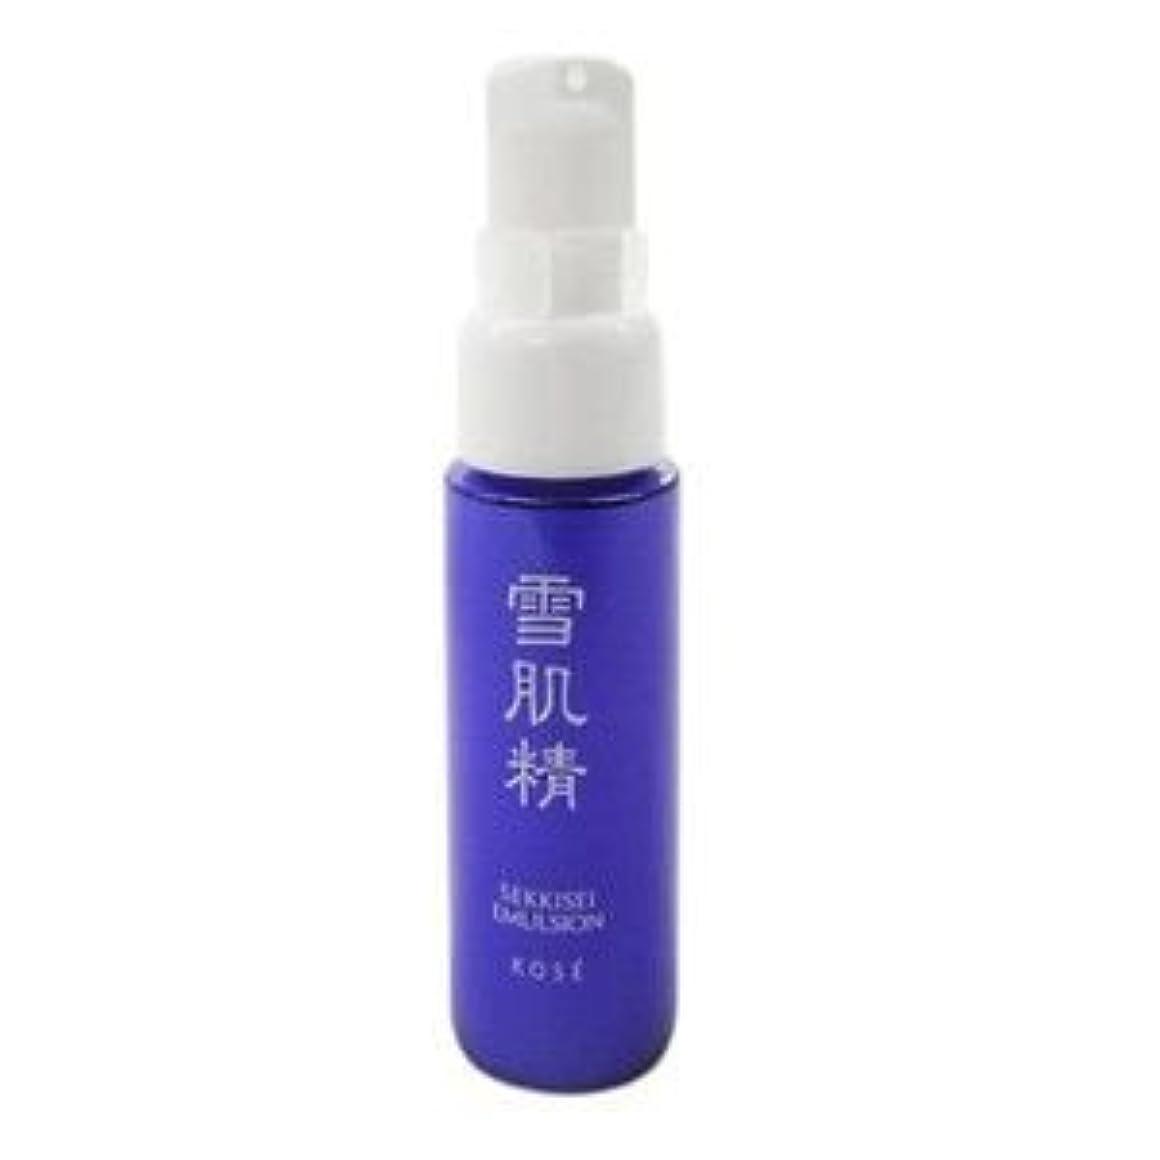 頭痛取り扱い療法コーセー 雪肌精 乳液 20ml(ミニ)